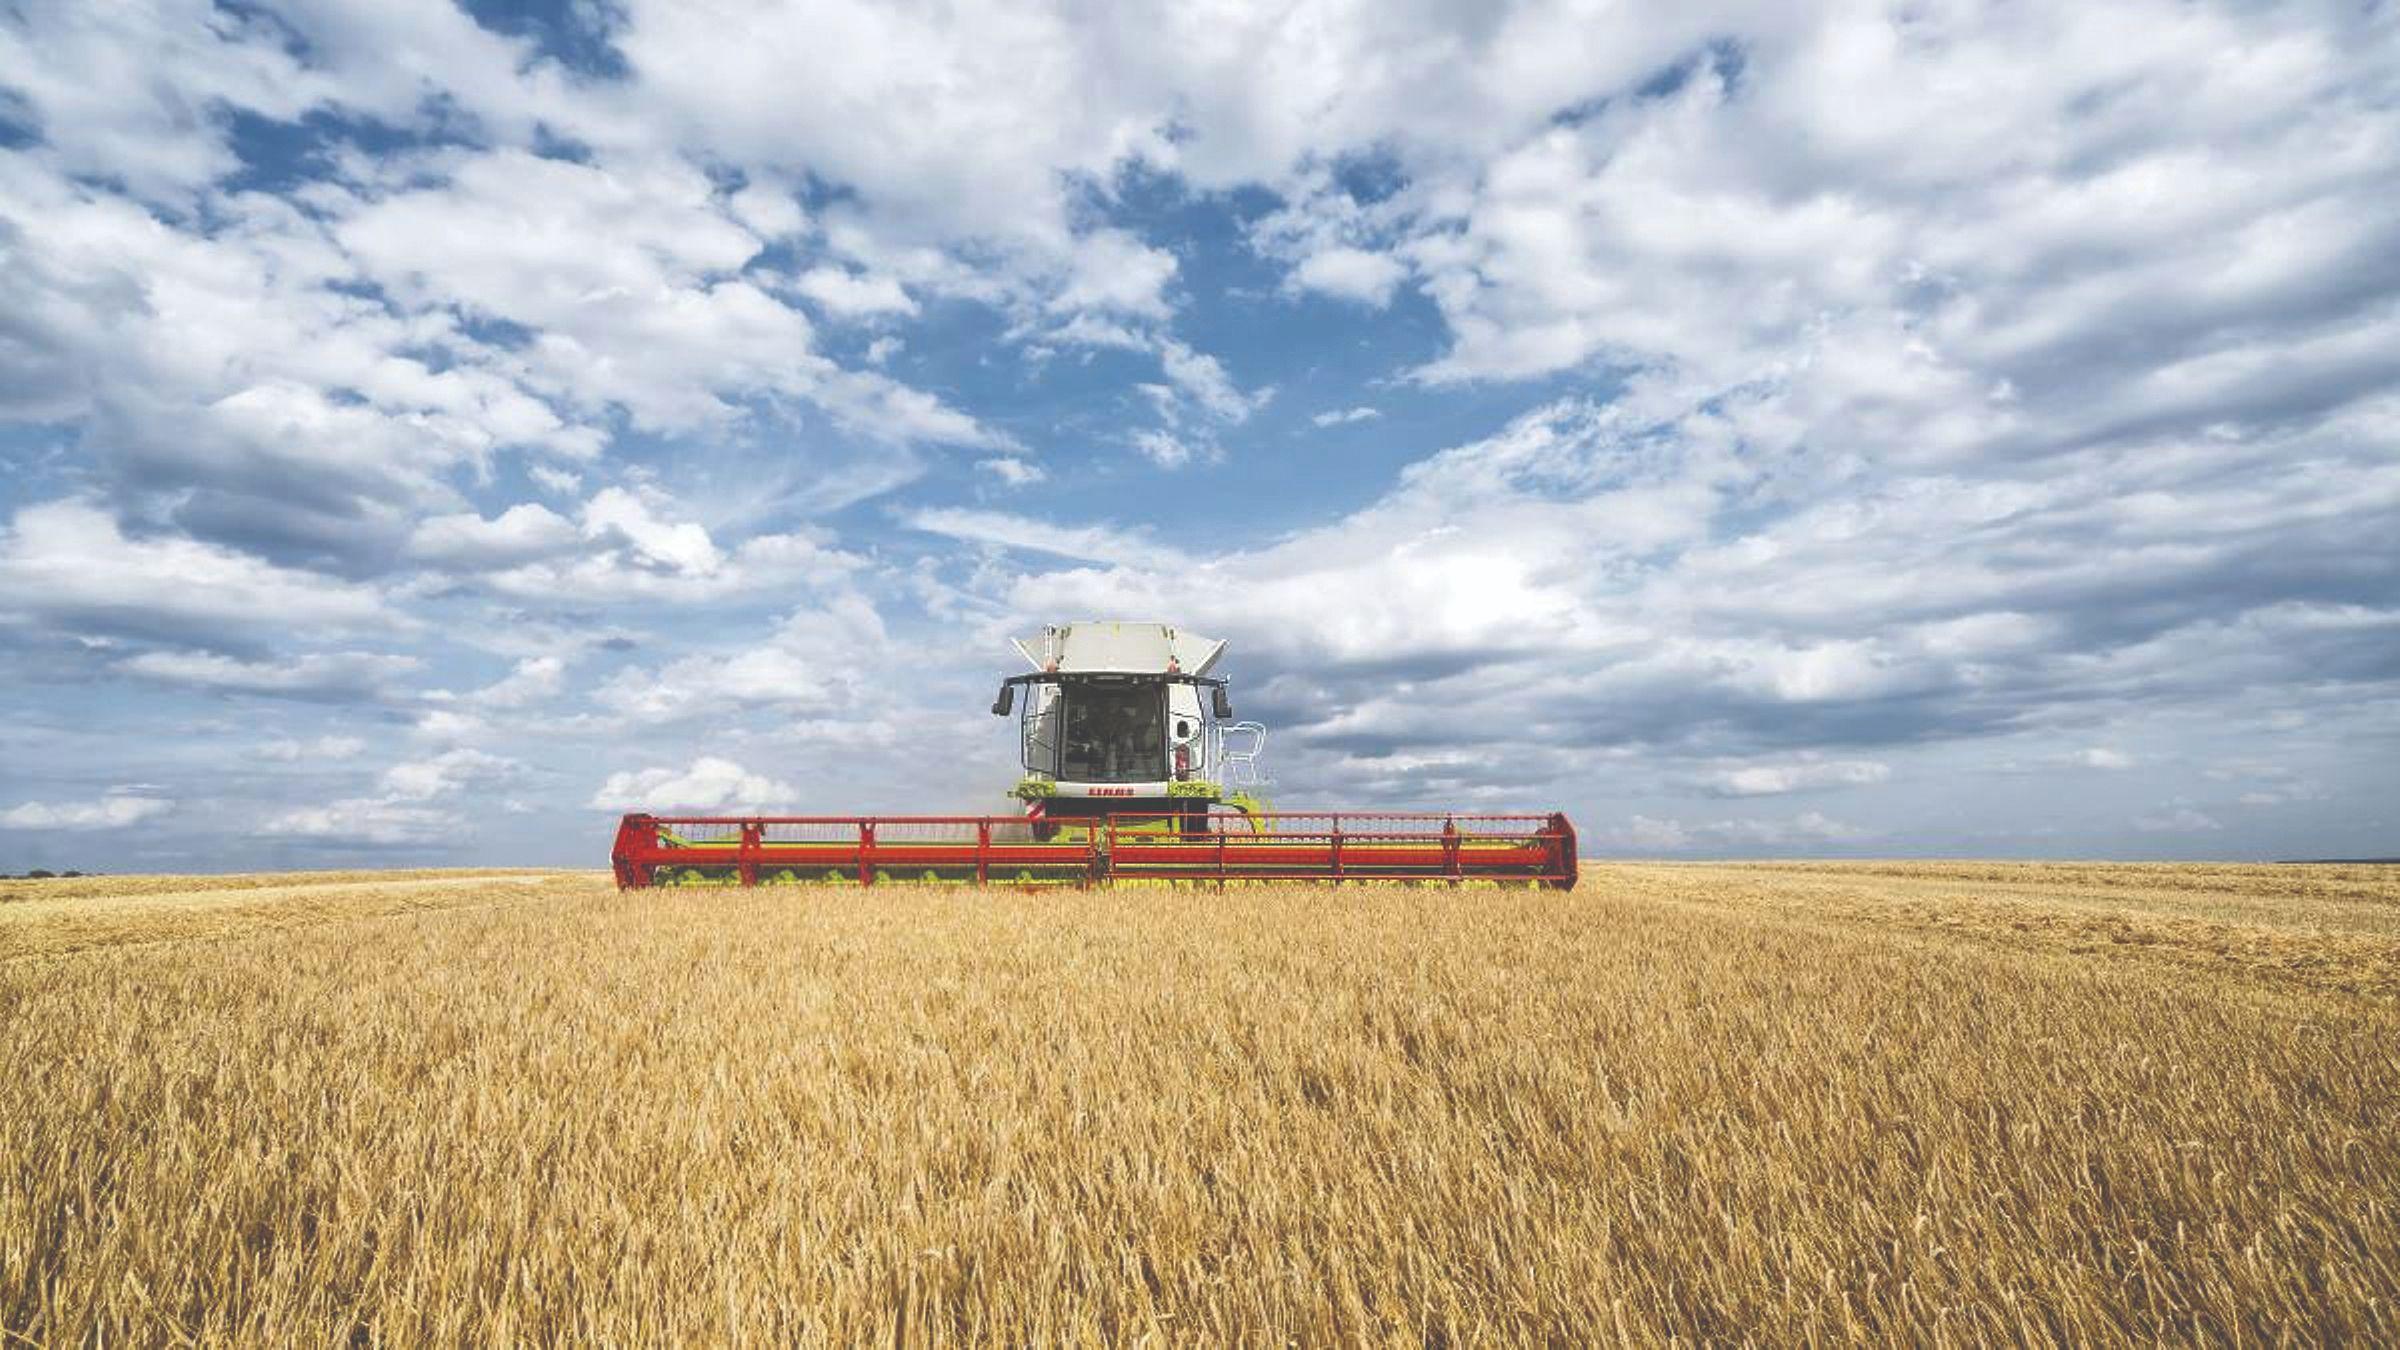 žetva ječma i pšenice